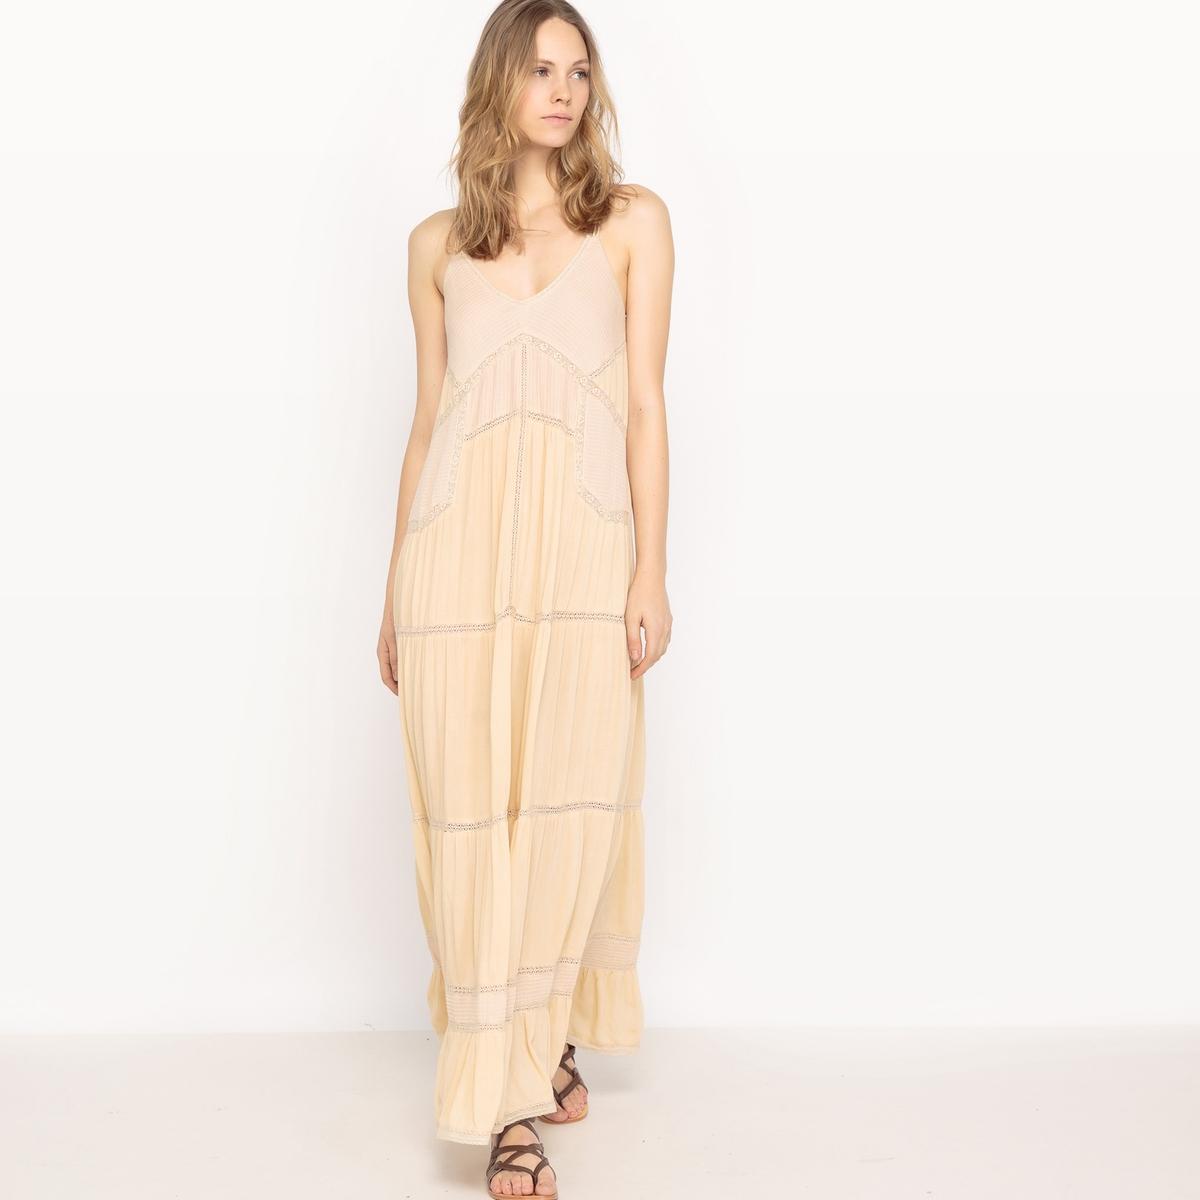 Платье длинное с открытой спинойМатериал : 100% вискоза  Длина рукава : тонкие бретели  Форма воротника : V-образный вырез Покрой платья : расклешенное платье. Рисунок : Однотонная модель  Особенность платья : глубокий вырез сзади. Длина платья : удлиненная модель.<br><br>Цвет: бледно-розовый,черный<br>Размер: XS.S